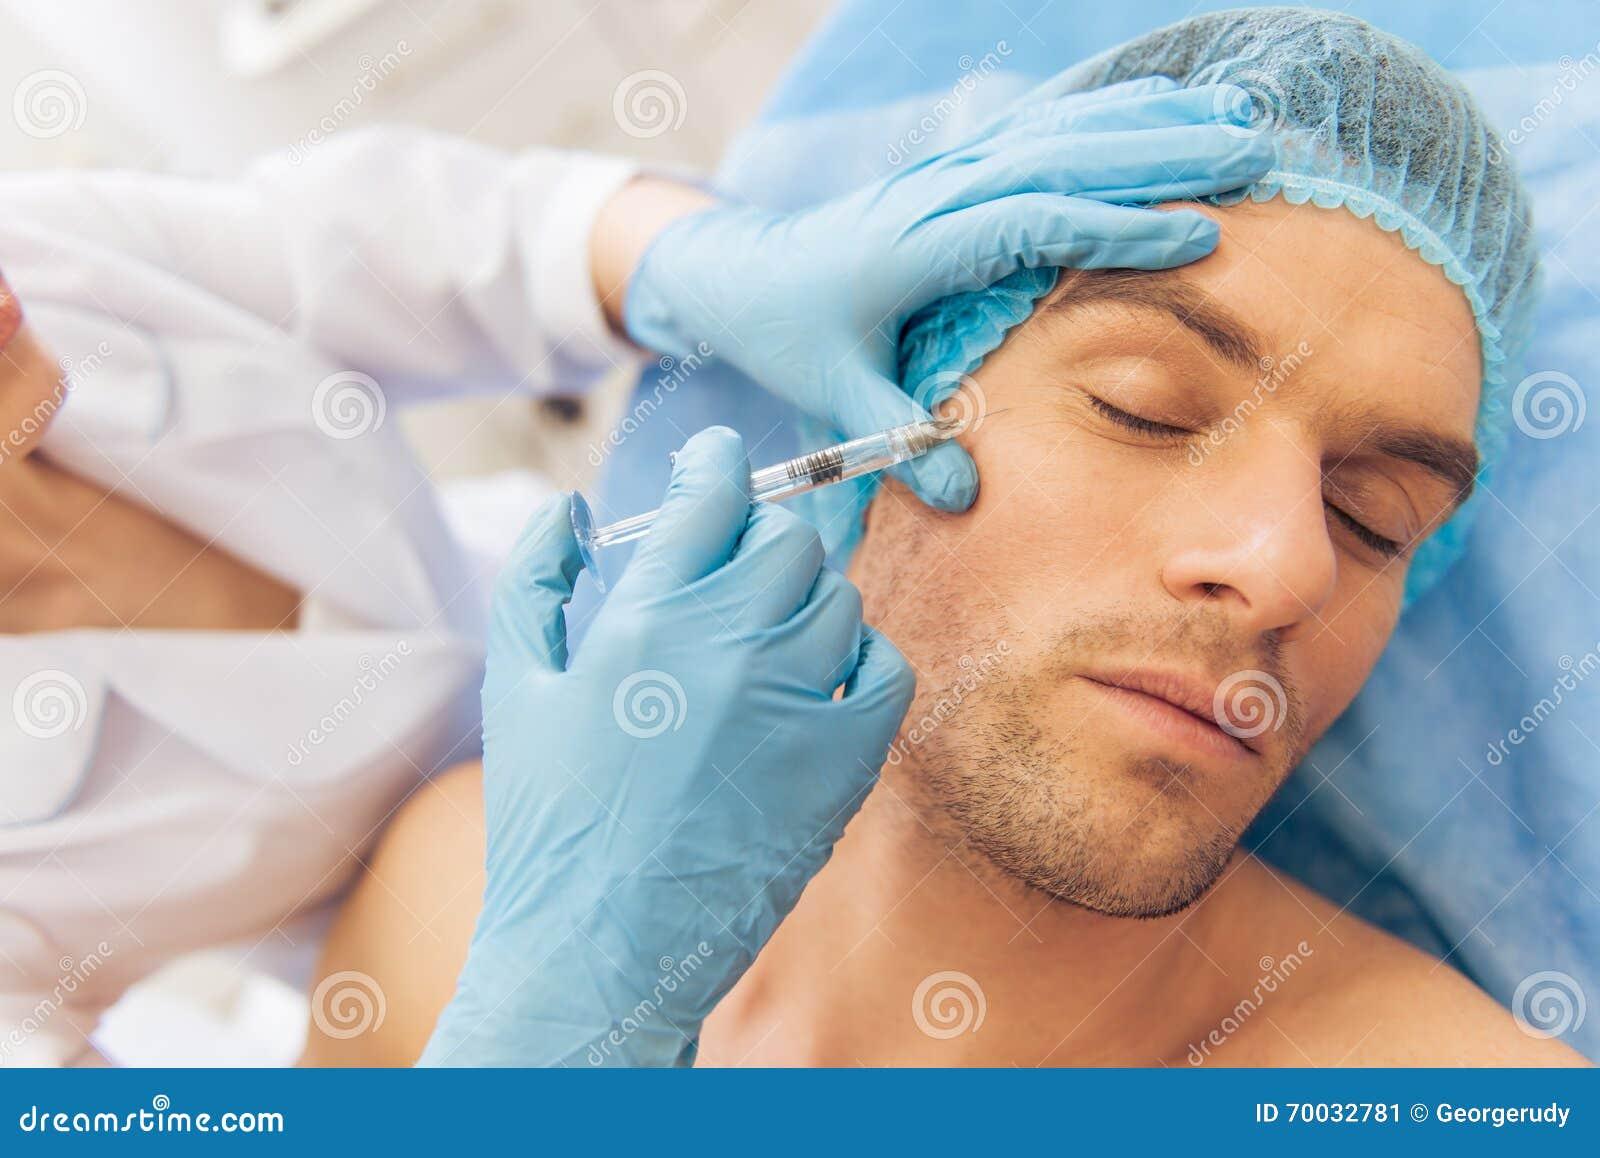 Mężczyzna przy chirurgiem plastycznym